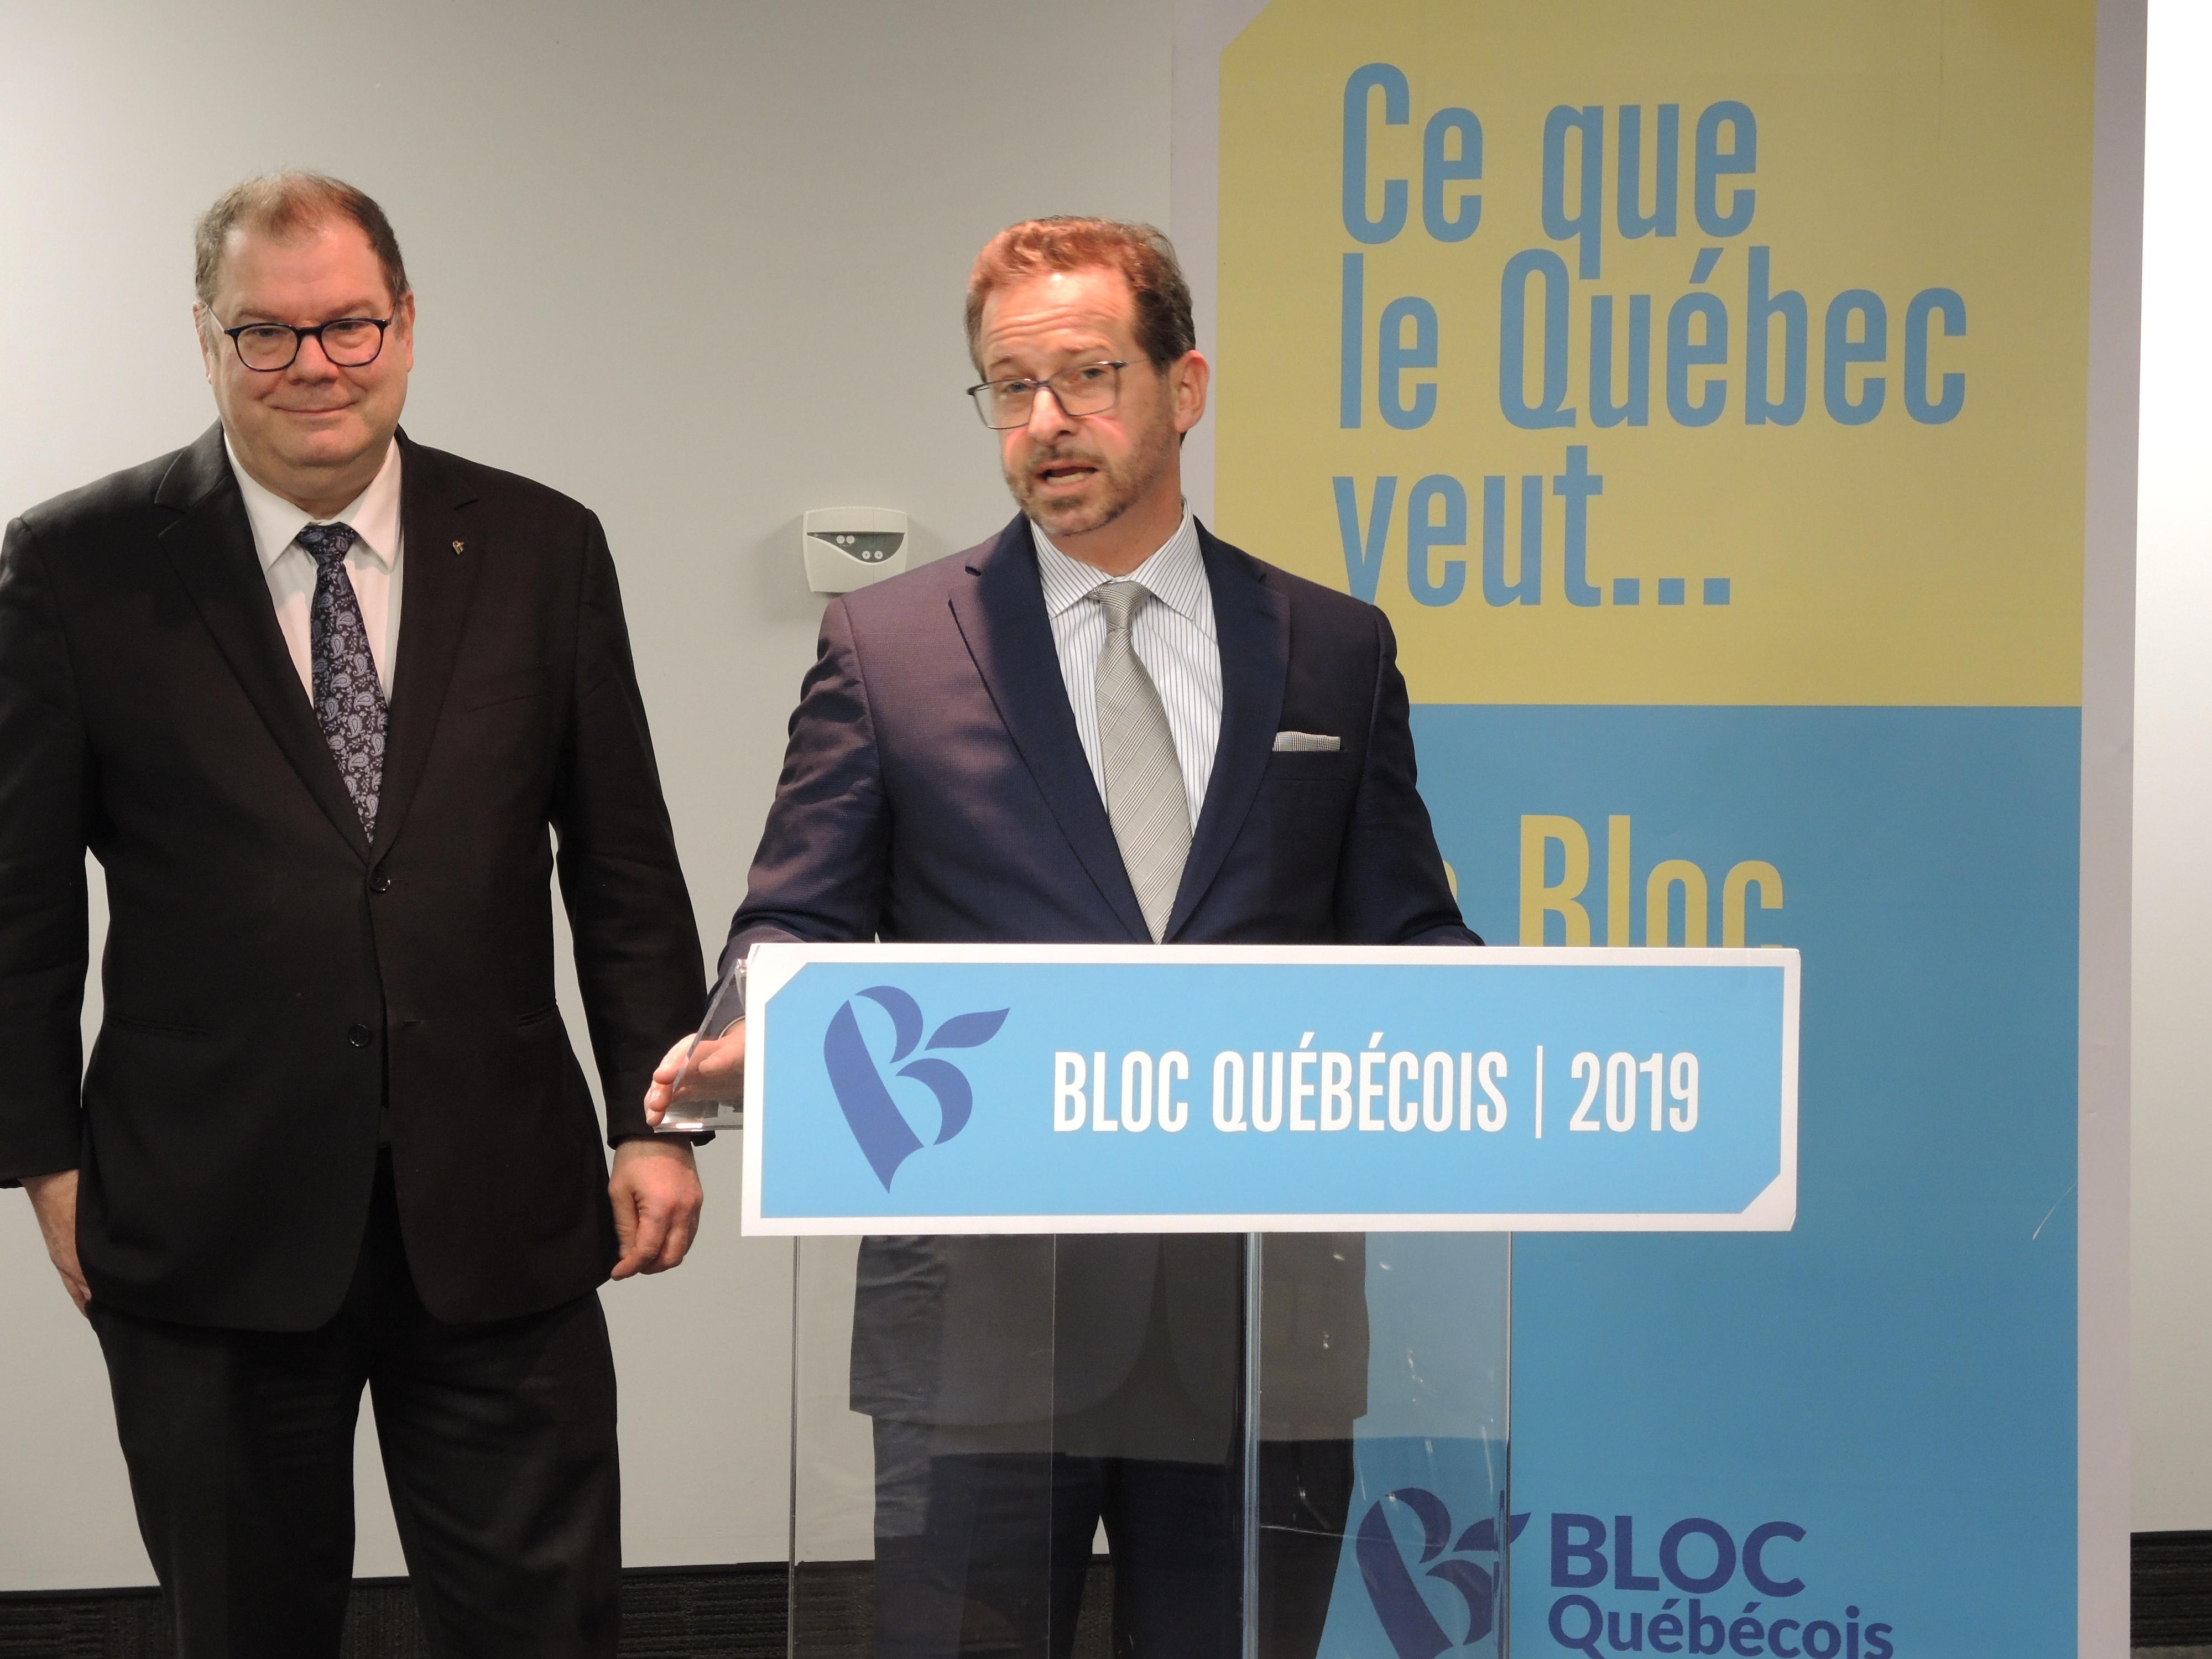 Yves-François Blanchet Mario Beaulieu Bloc québécois